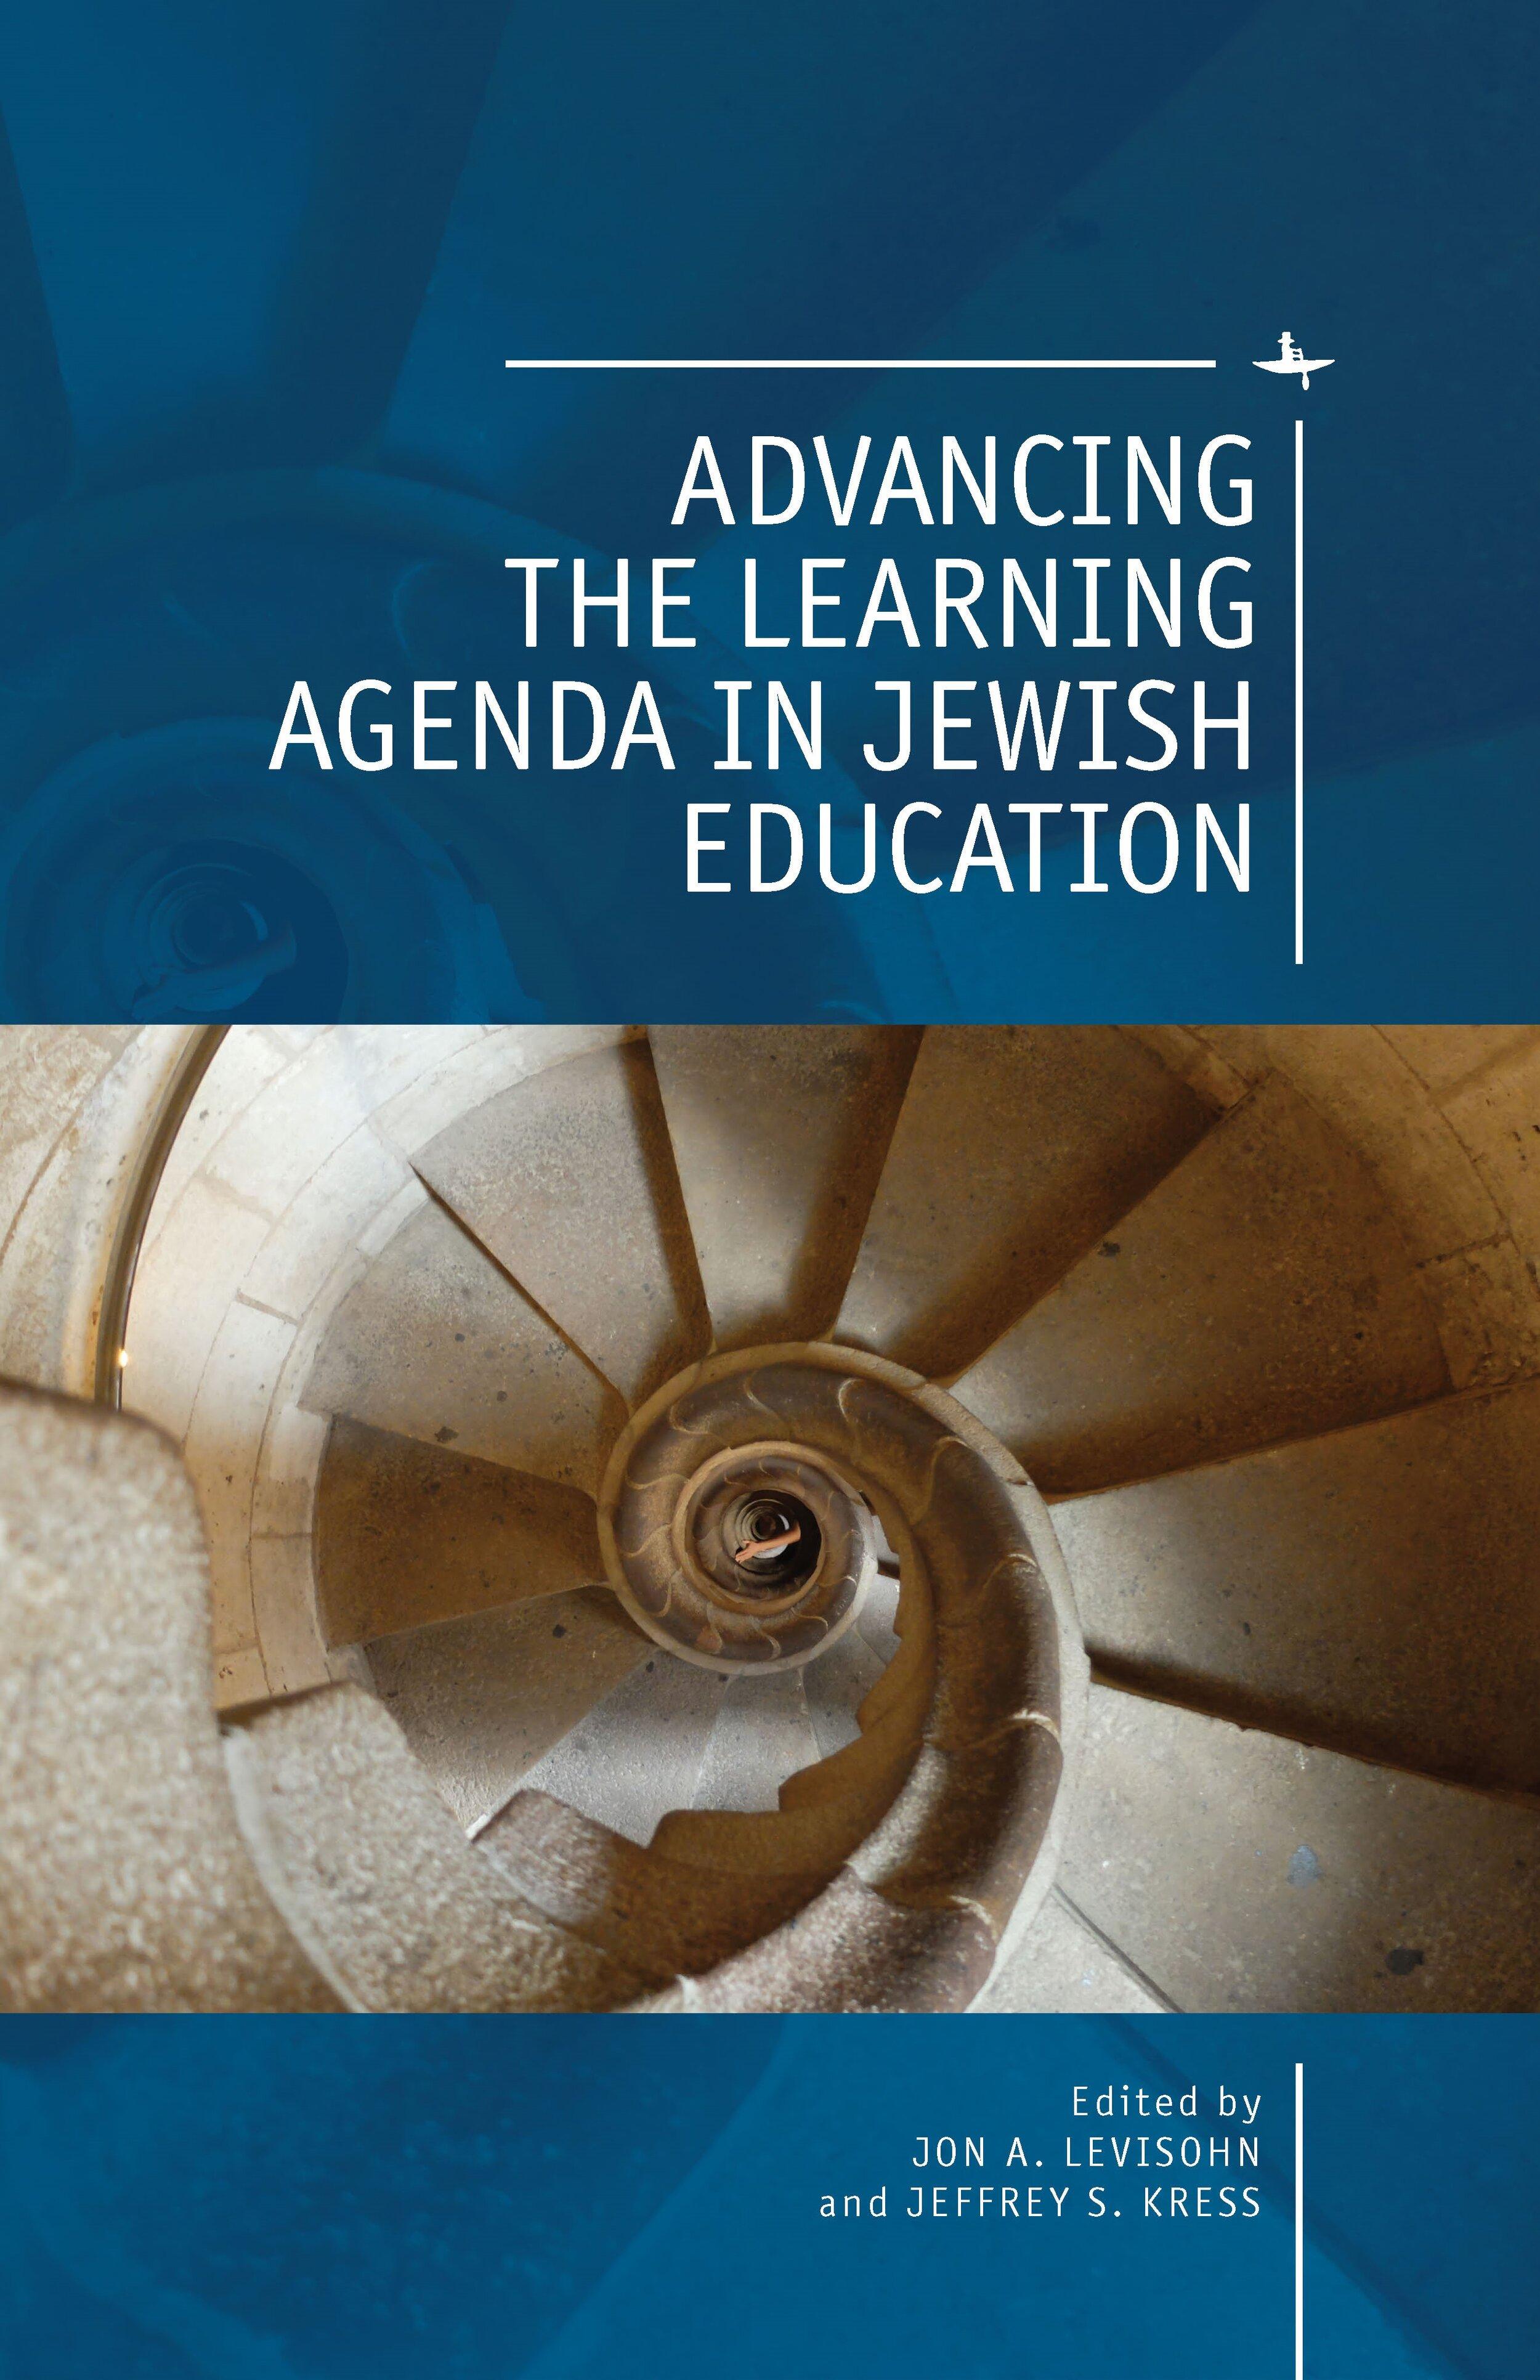 Advancing the Learning Agenda in Jewish Education   Edited by  Jon A. Levisohn & Jeffrey S. Kress   Read on OAPEN     Purchase book